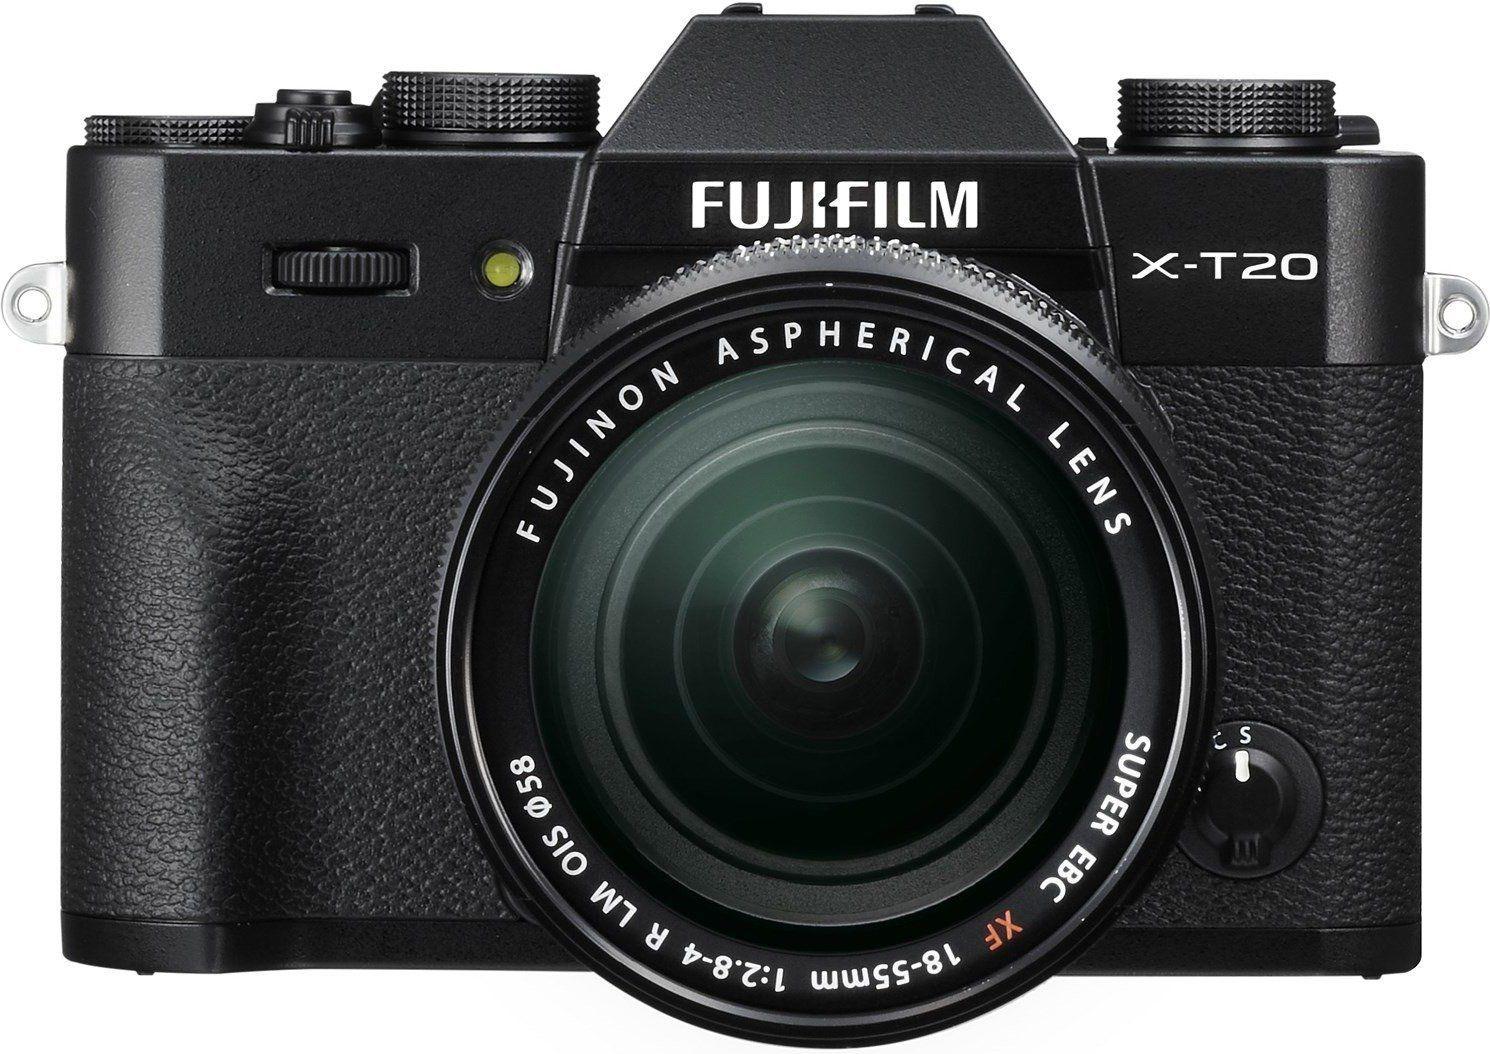 FUJIFILM X-T20 Systemkamera 24.3 Megapixel + Objektiv 18-55 mm f/2.8, 7.6 cm NEU